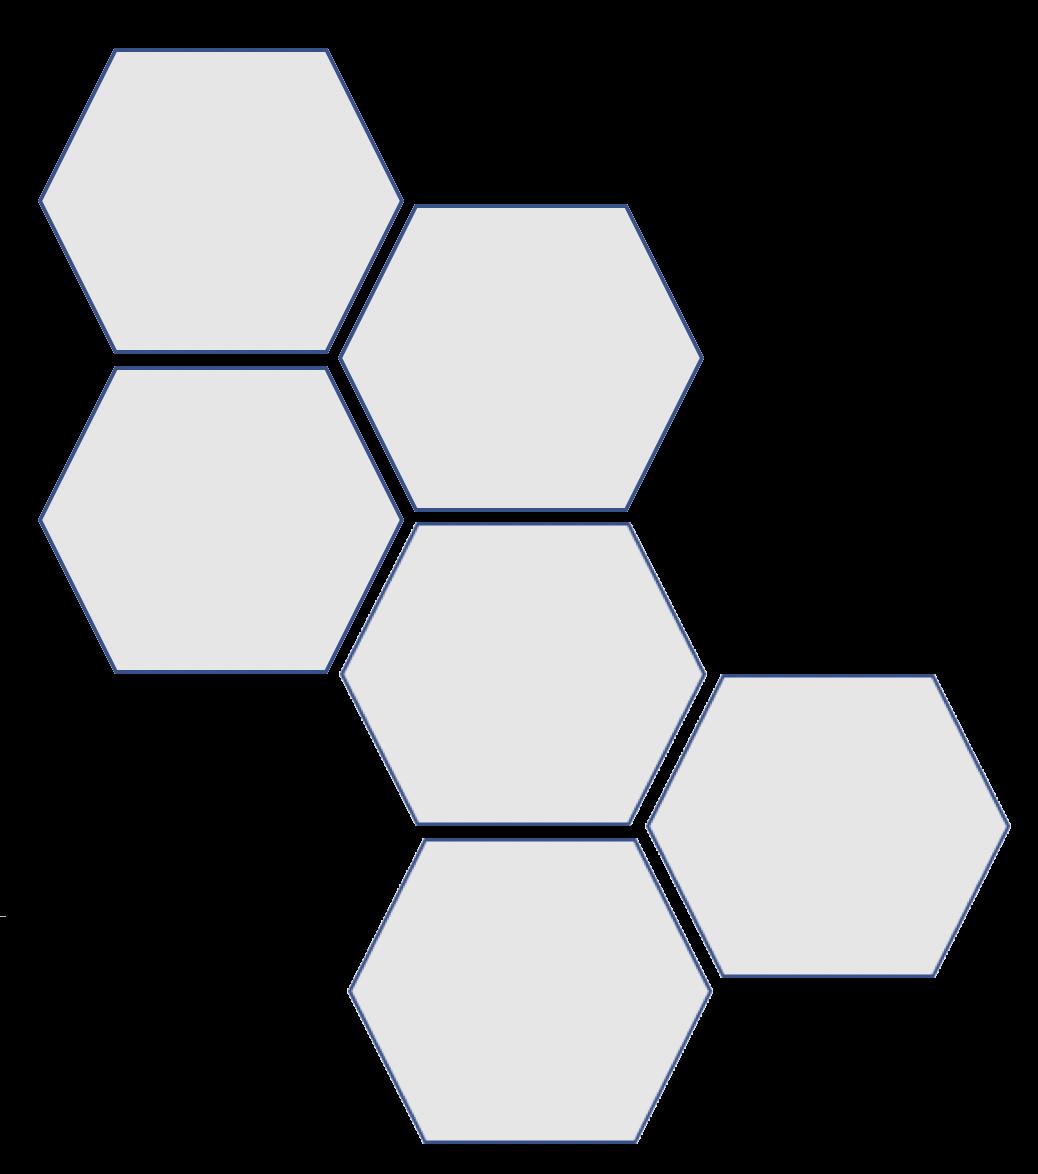 shapes-bg